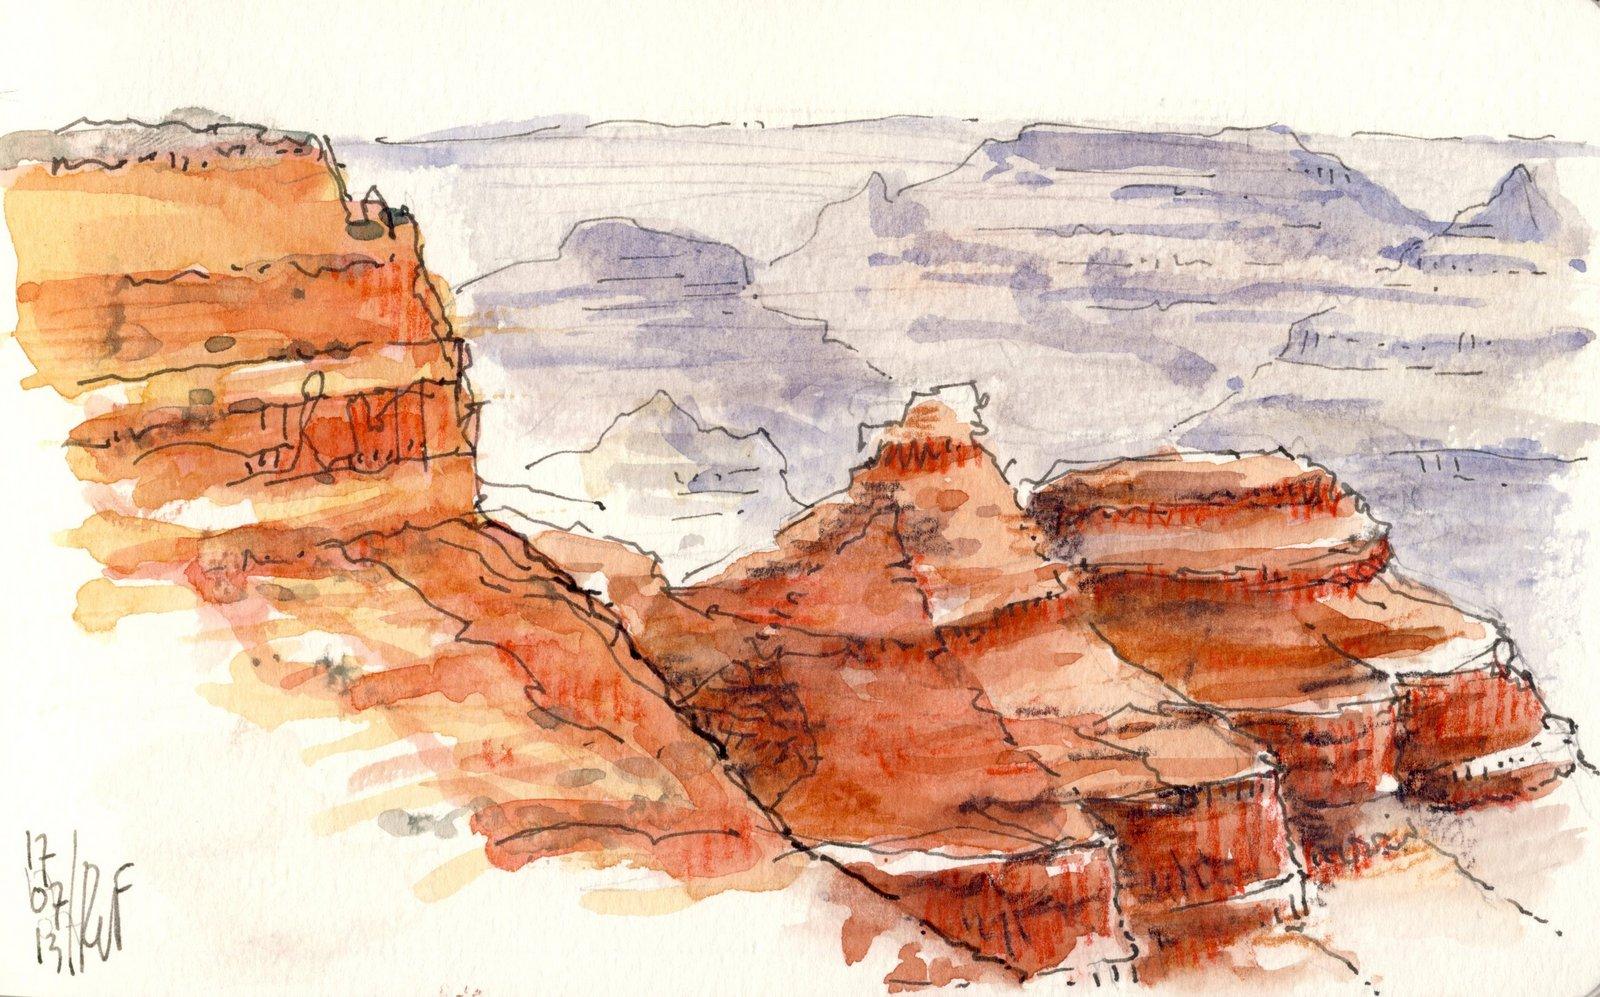 rene fijten sketches: Grand Canyon